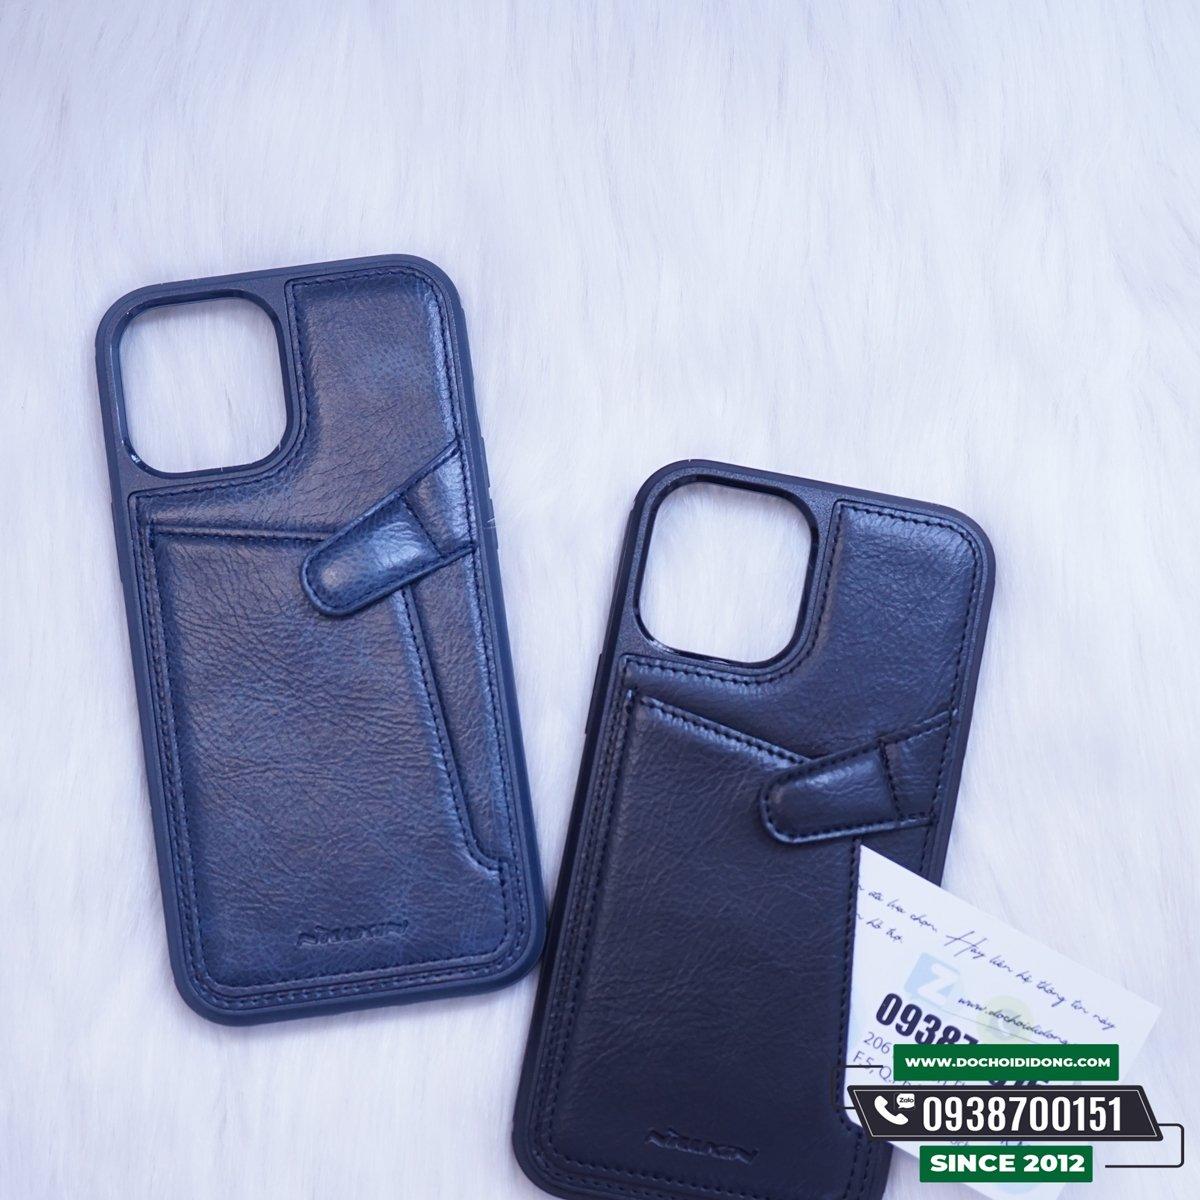 op-lung-nillkin-aoge-leather-iphone-12-pro-max-mini